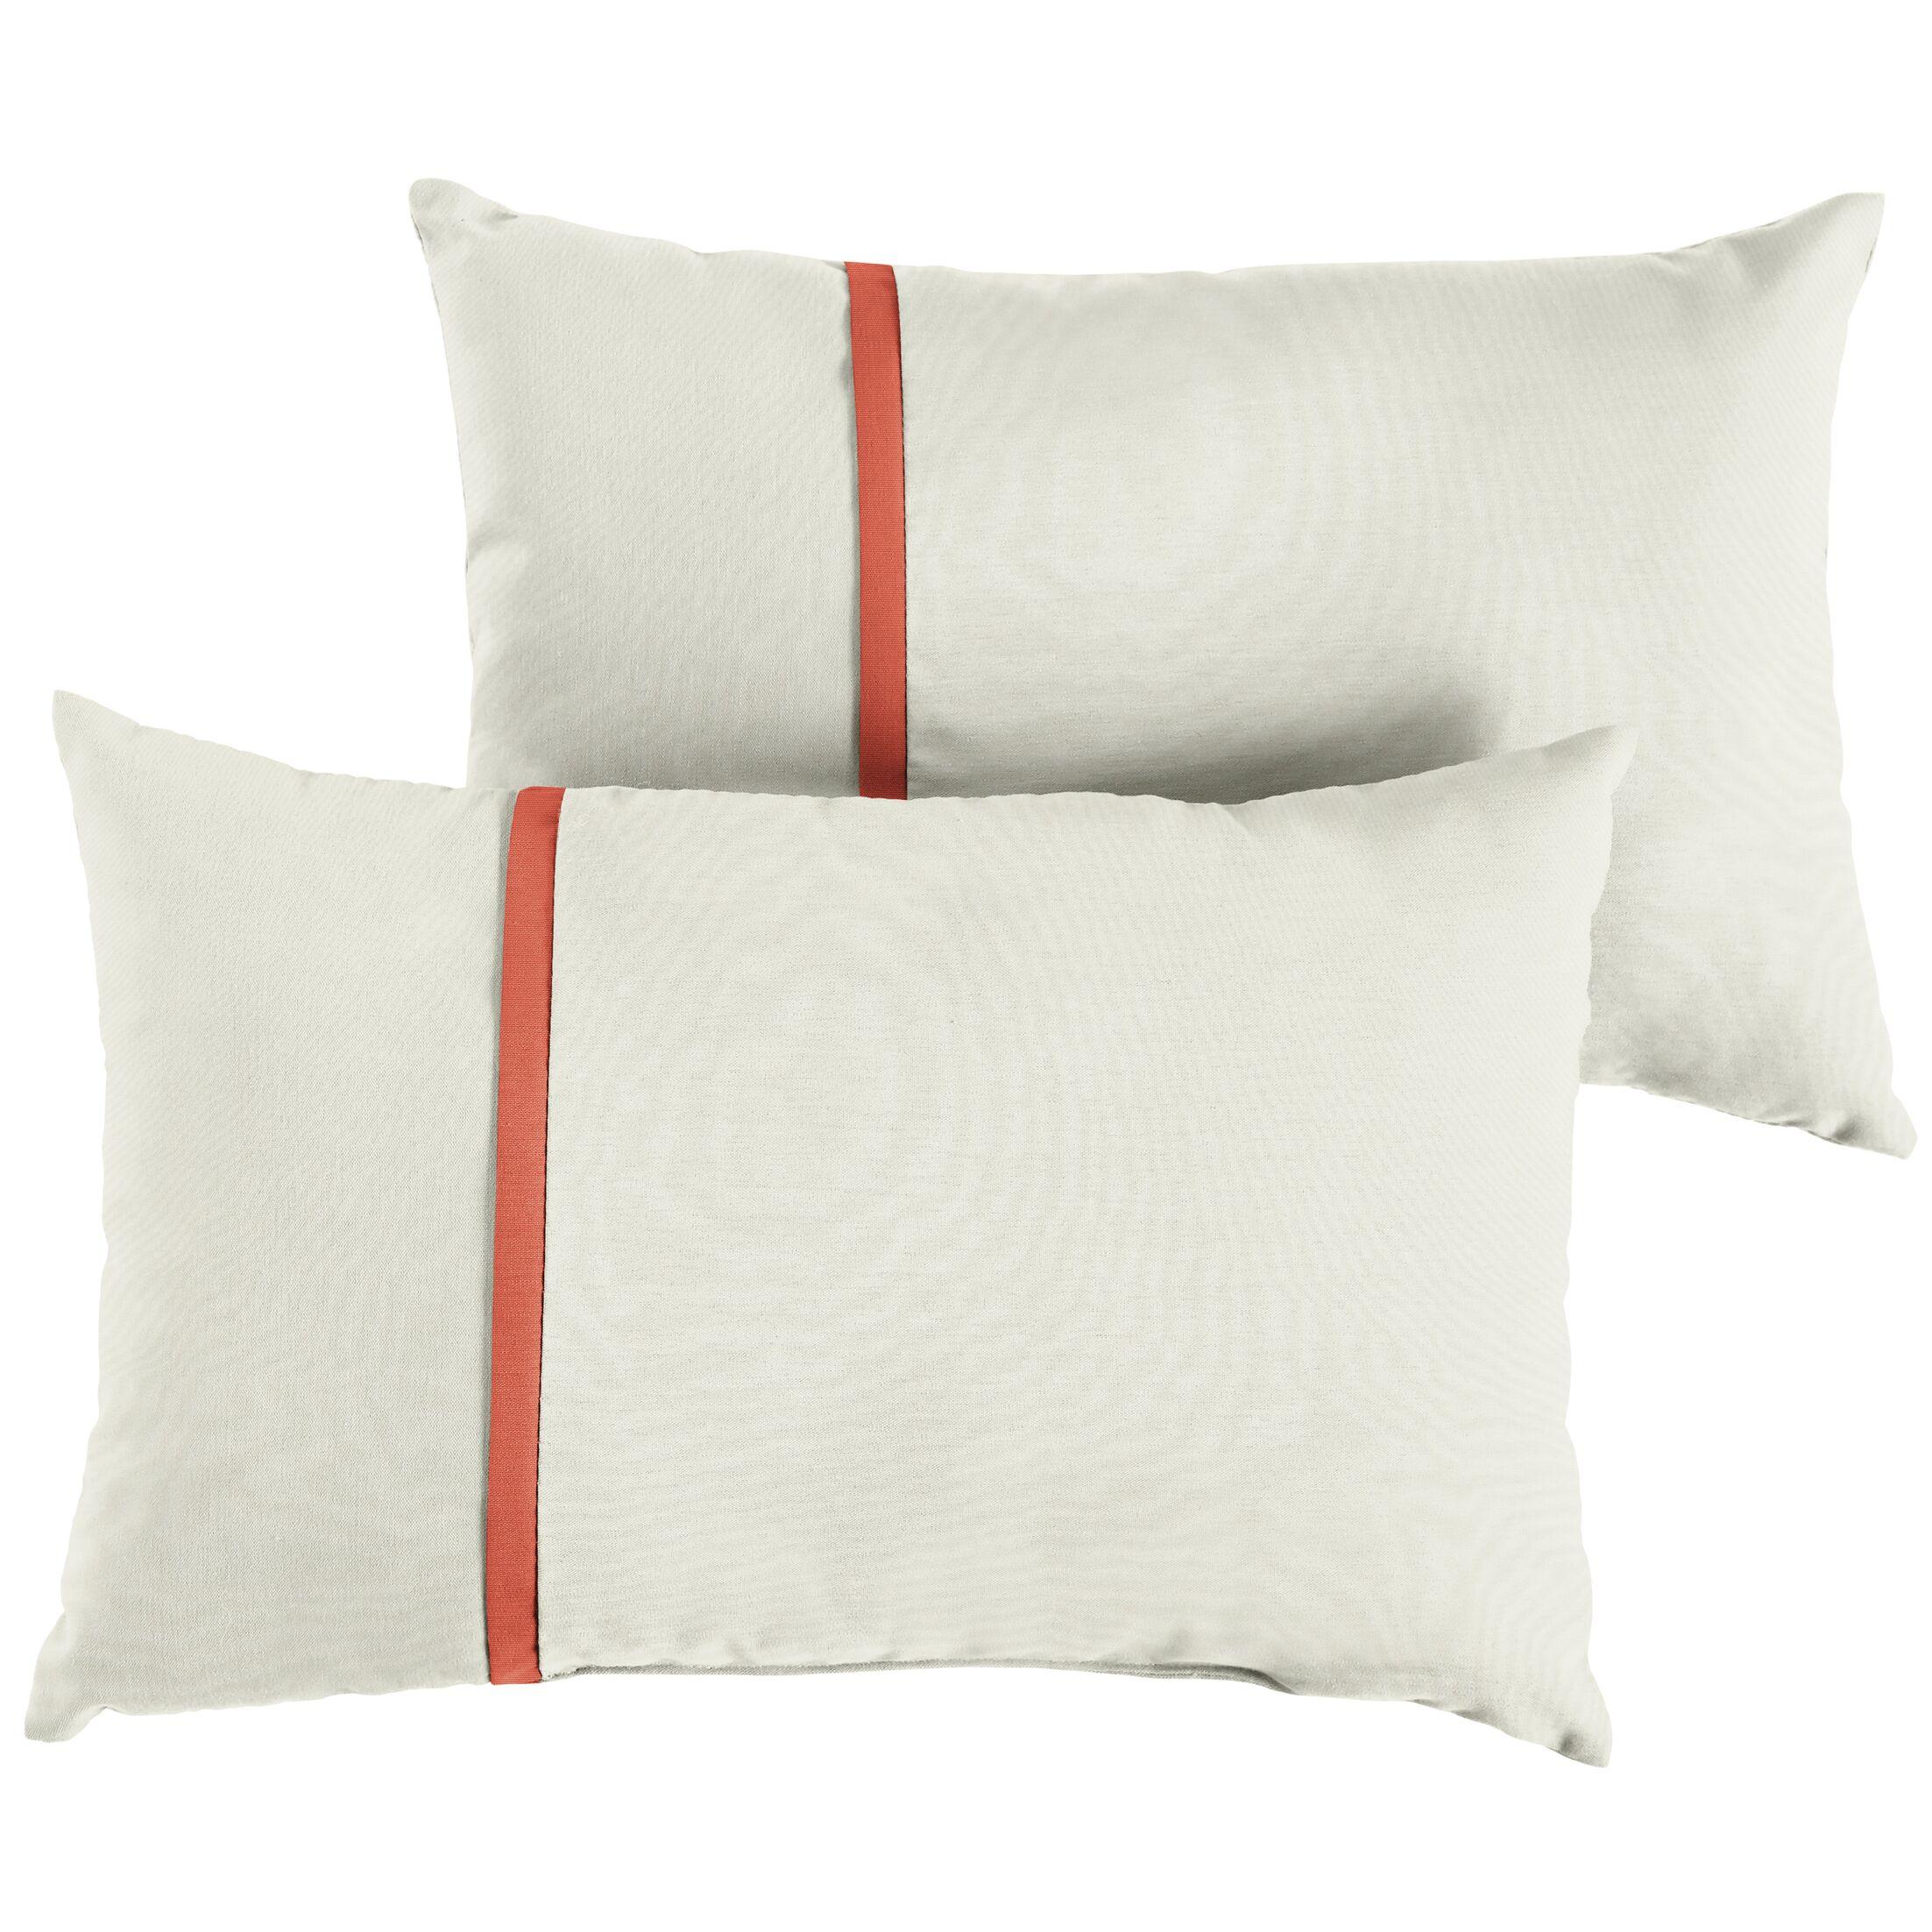 Flynt Indoor/Outdoor Sunbrella Lumbar Pillow Size: 13